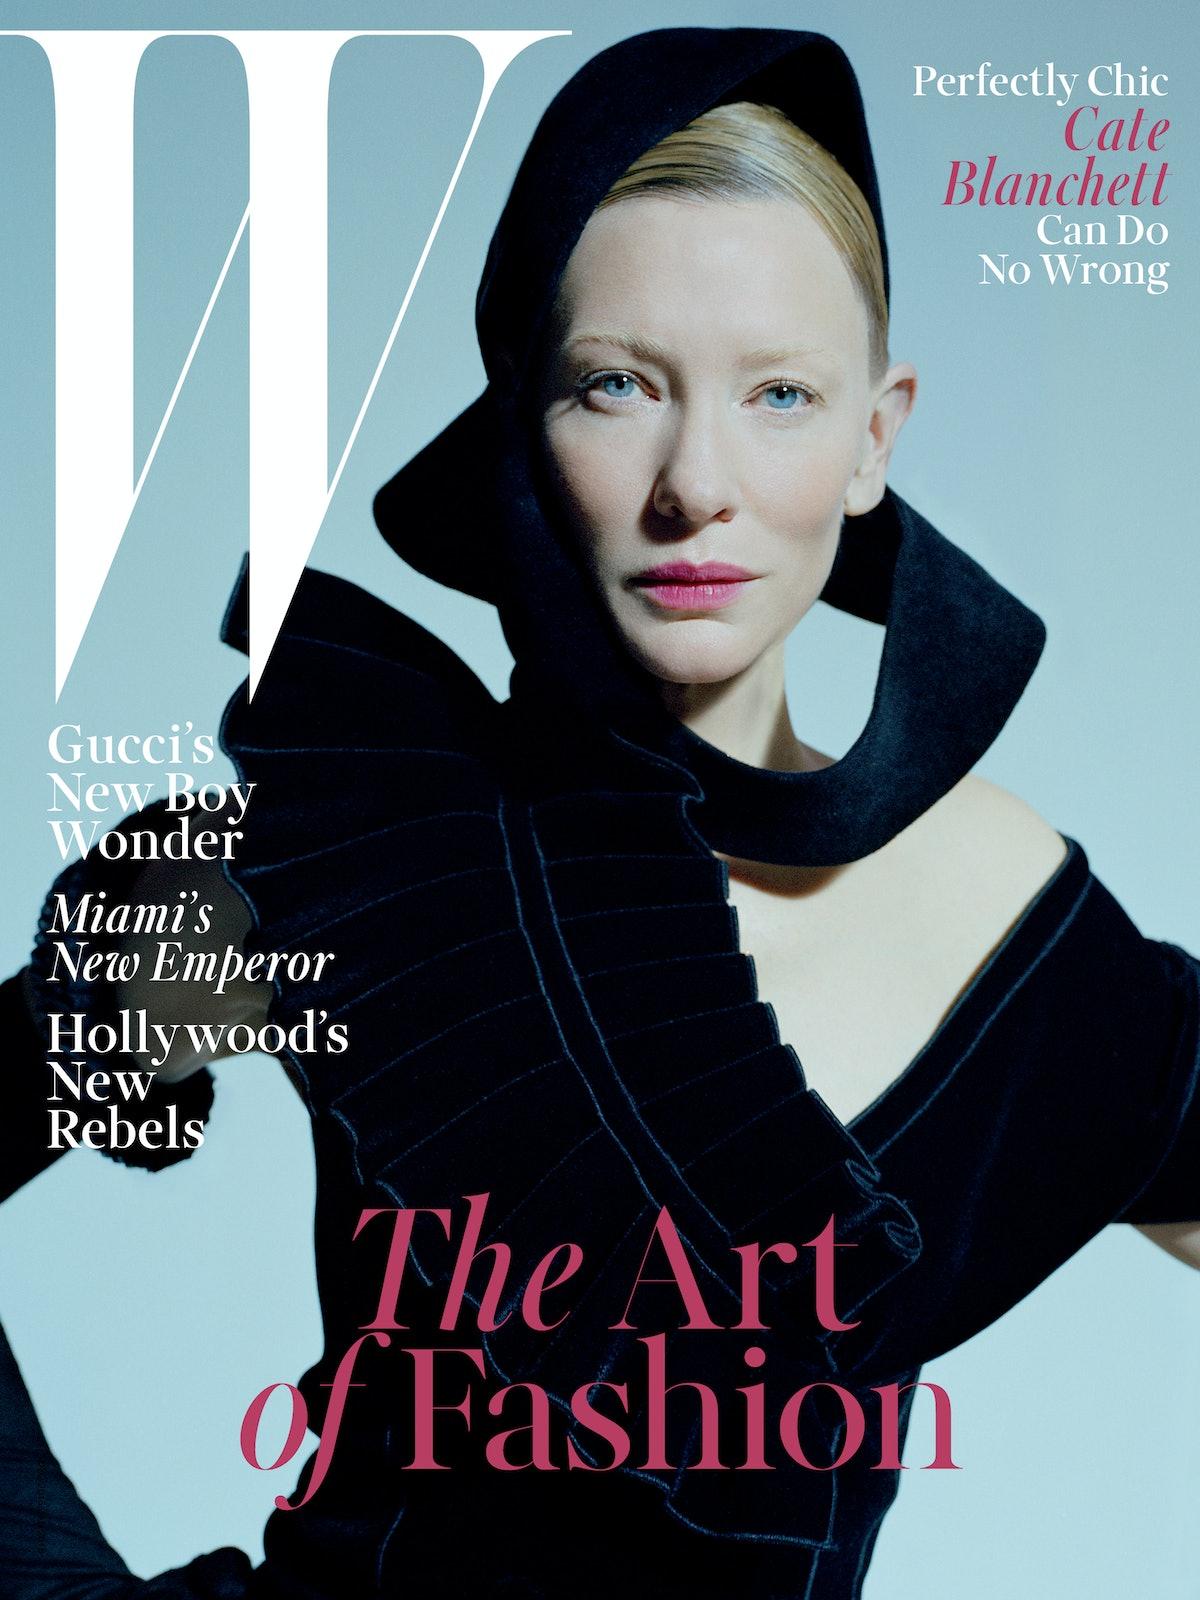 W magazine December 2015